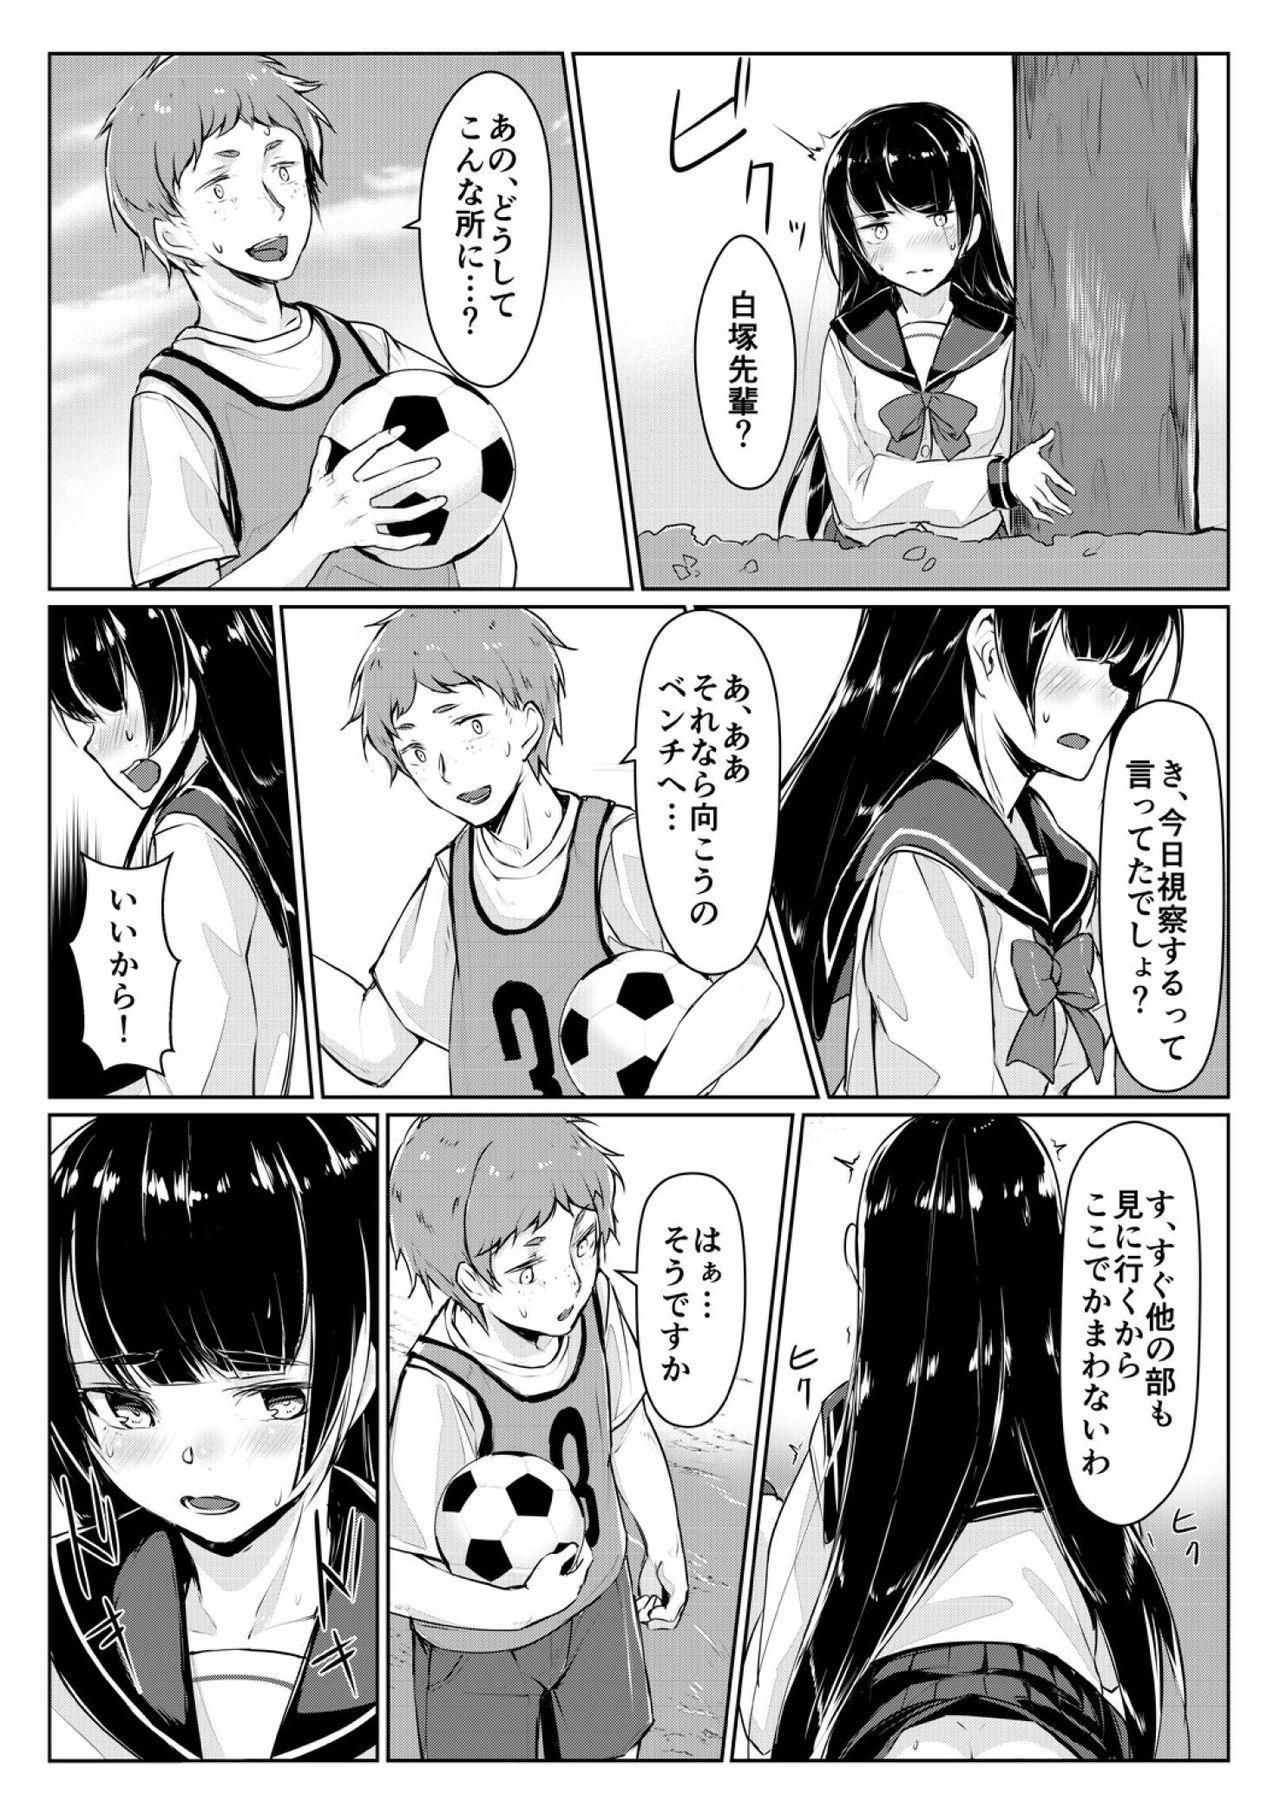 Dosukebe na Seitokaichou o Choukyou Shite yatta ~Minna no Mae de Koukai Onanie!? 2